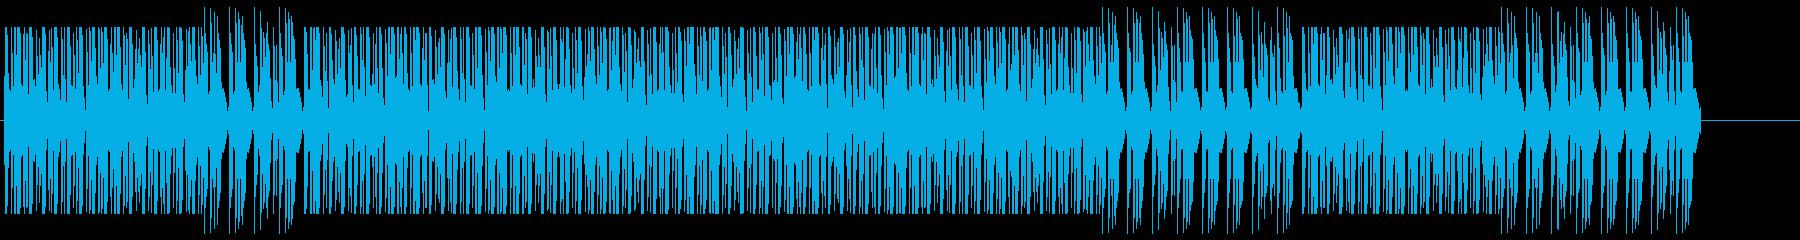 コマーシャル用のレトロな電子ダンス...の再生済みの波形